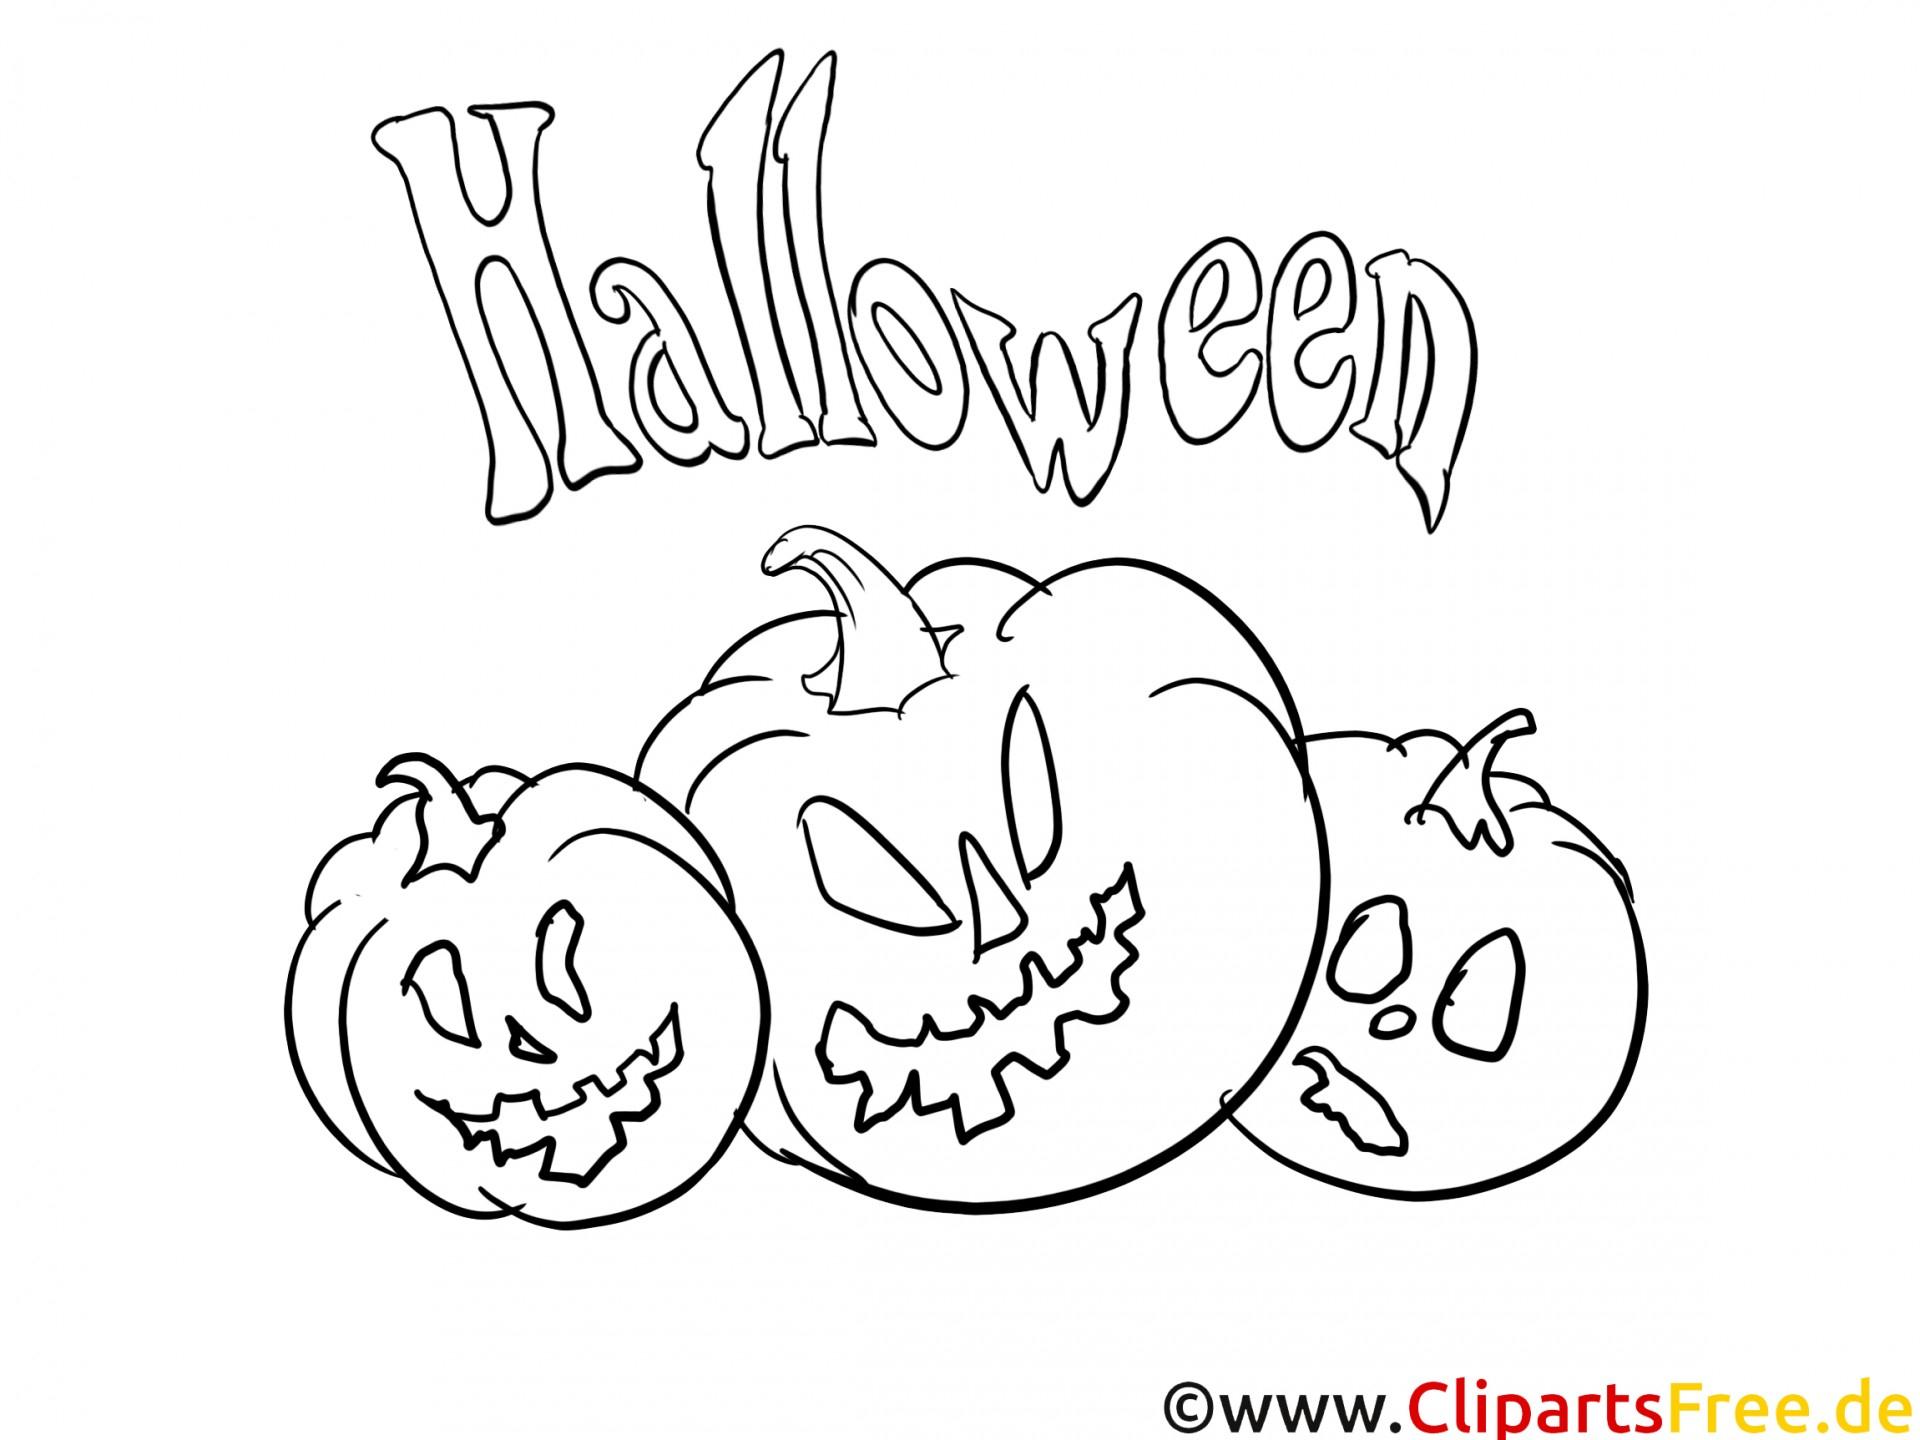 Halloween Ausmalbilder Kostenlos Ausdrucken Archives Uber verwandt mit Ausmalbilder Zum Ausdrucken Halloween